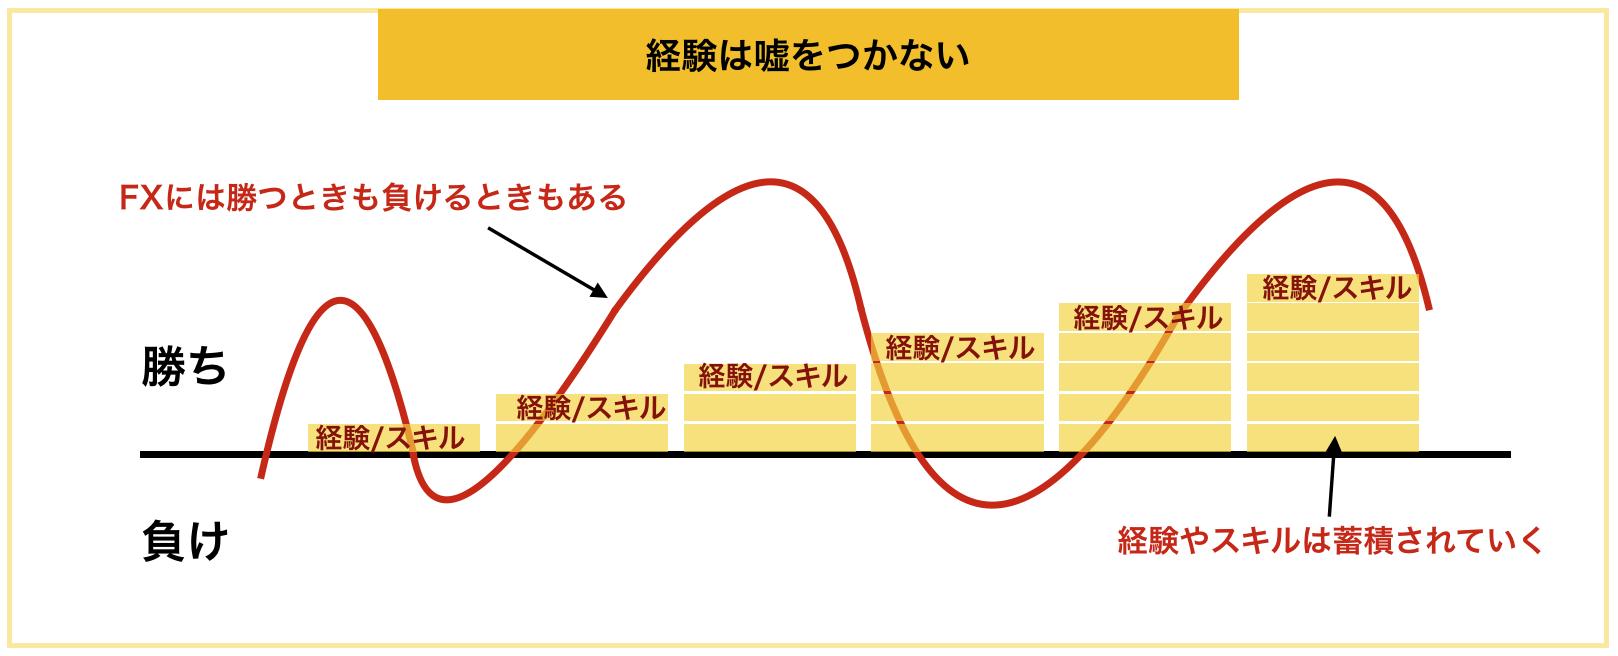 グラフ:経験は嘘をつかない